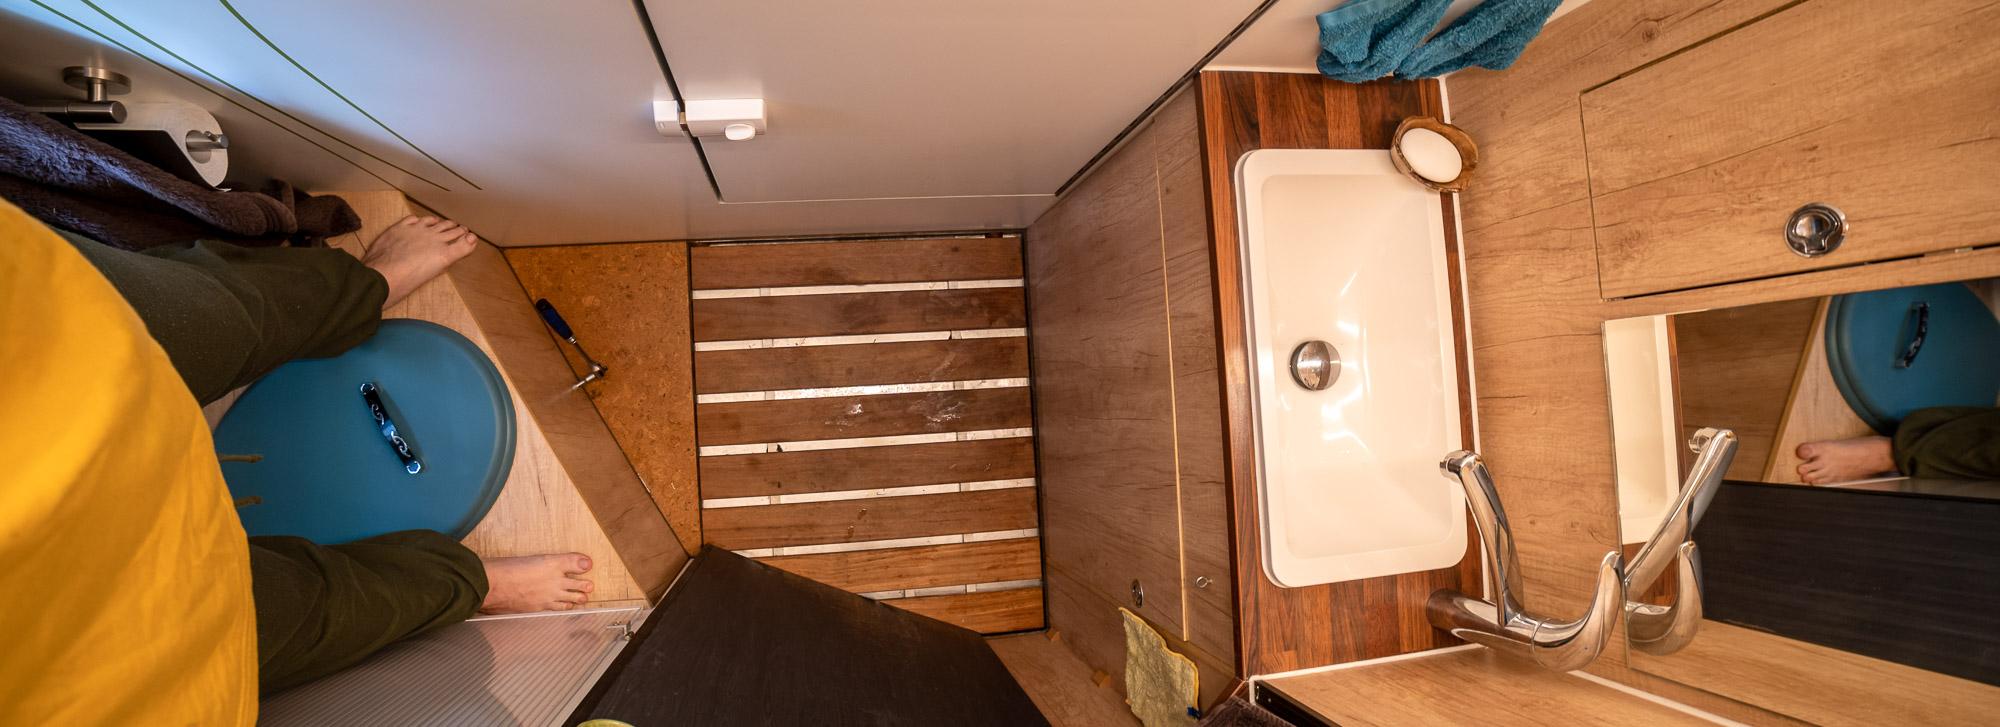 Das perfekte Bad im Wohnmobil: mit Waschmaschine und Komposttoillette